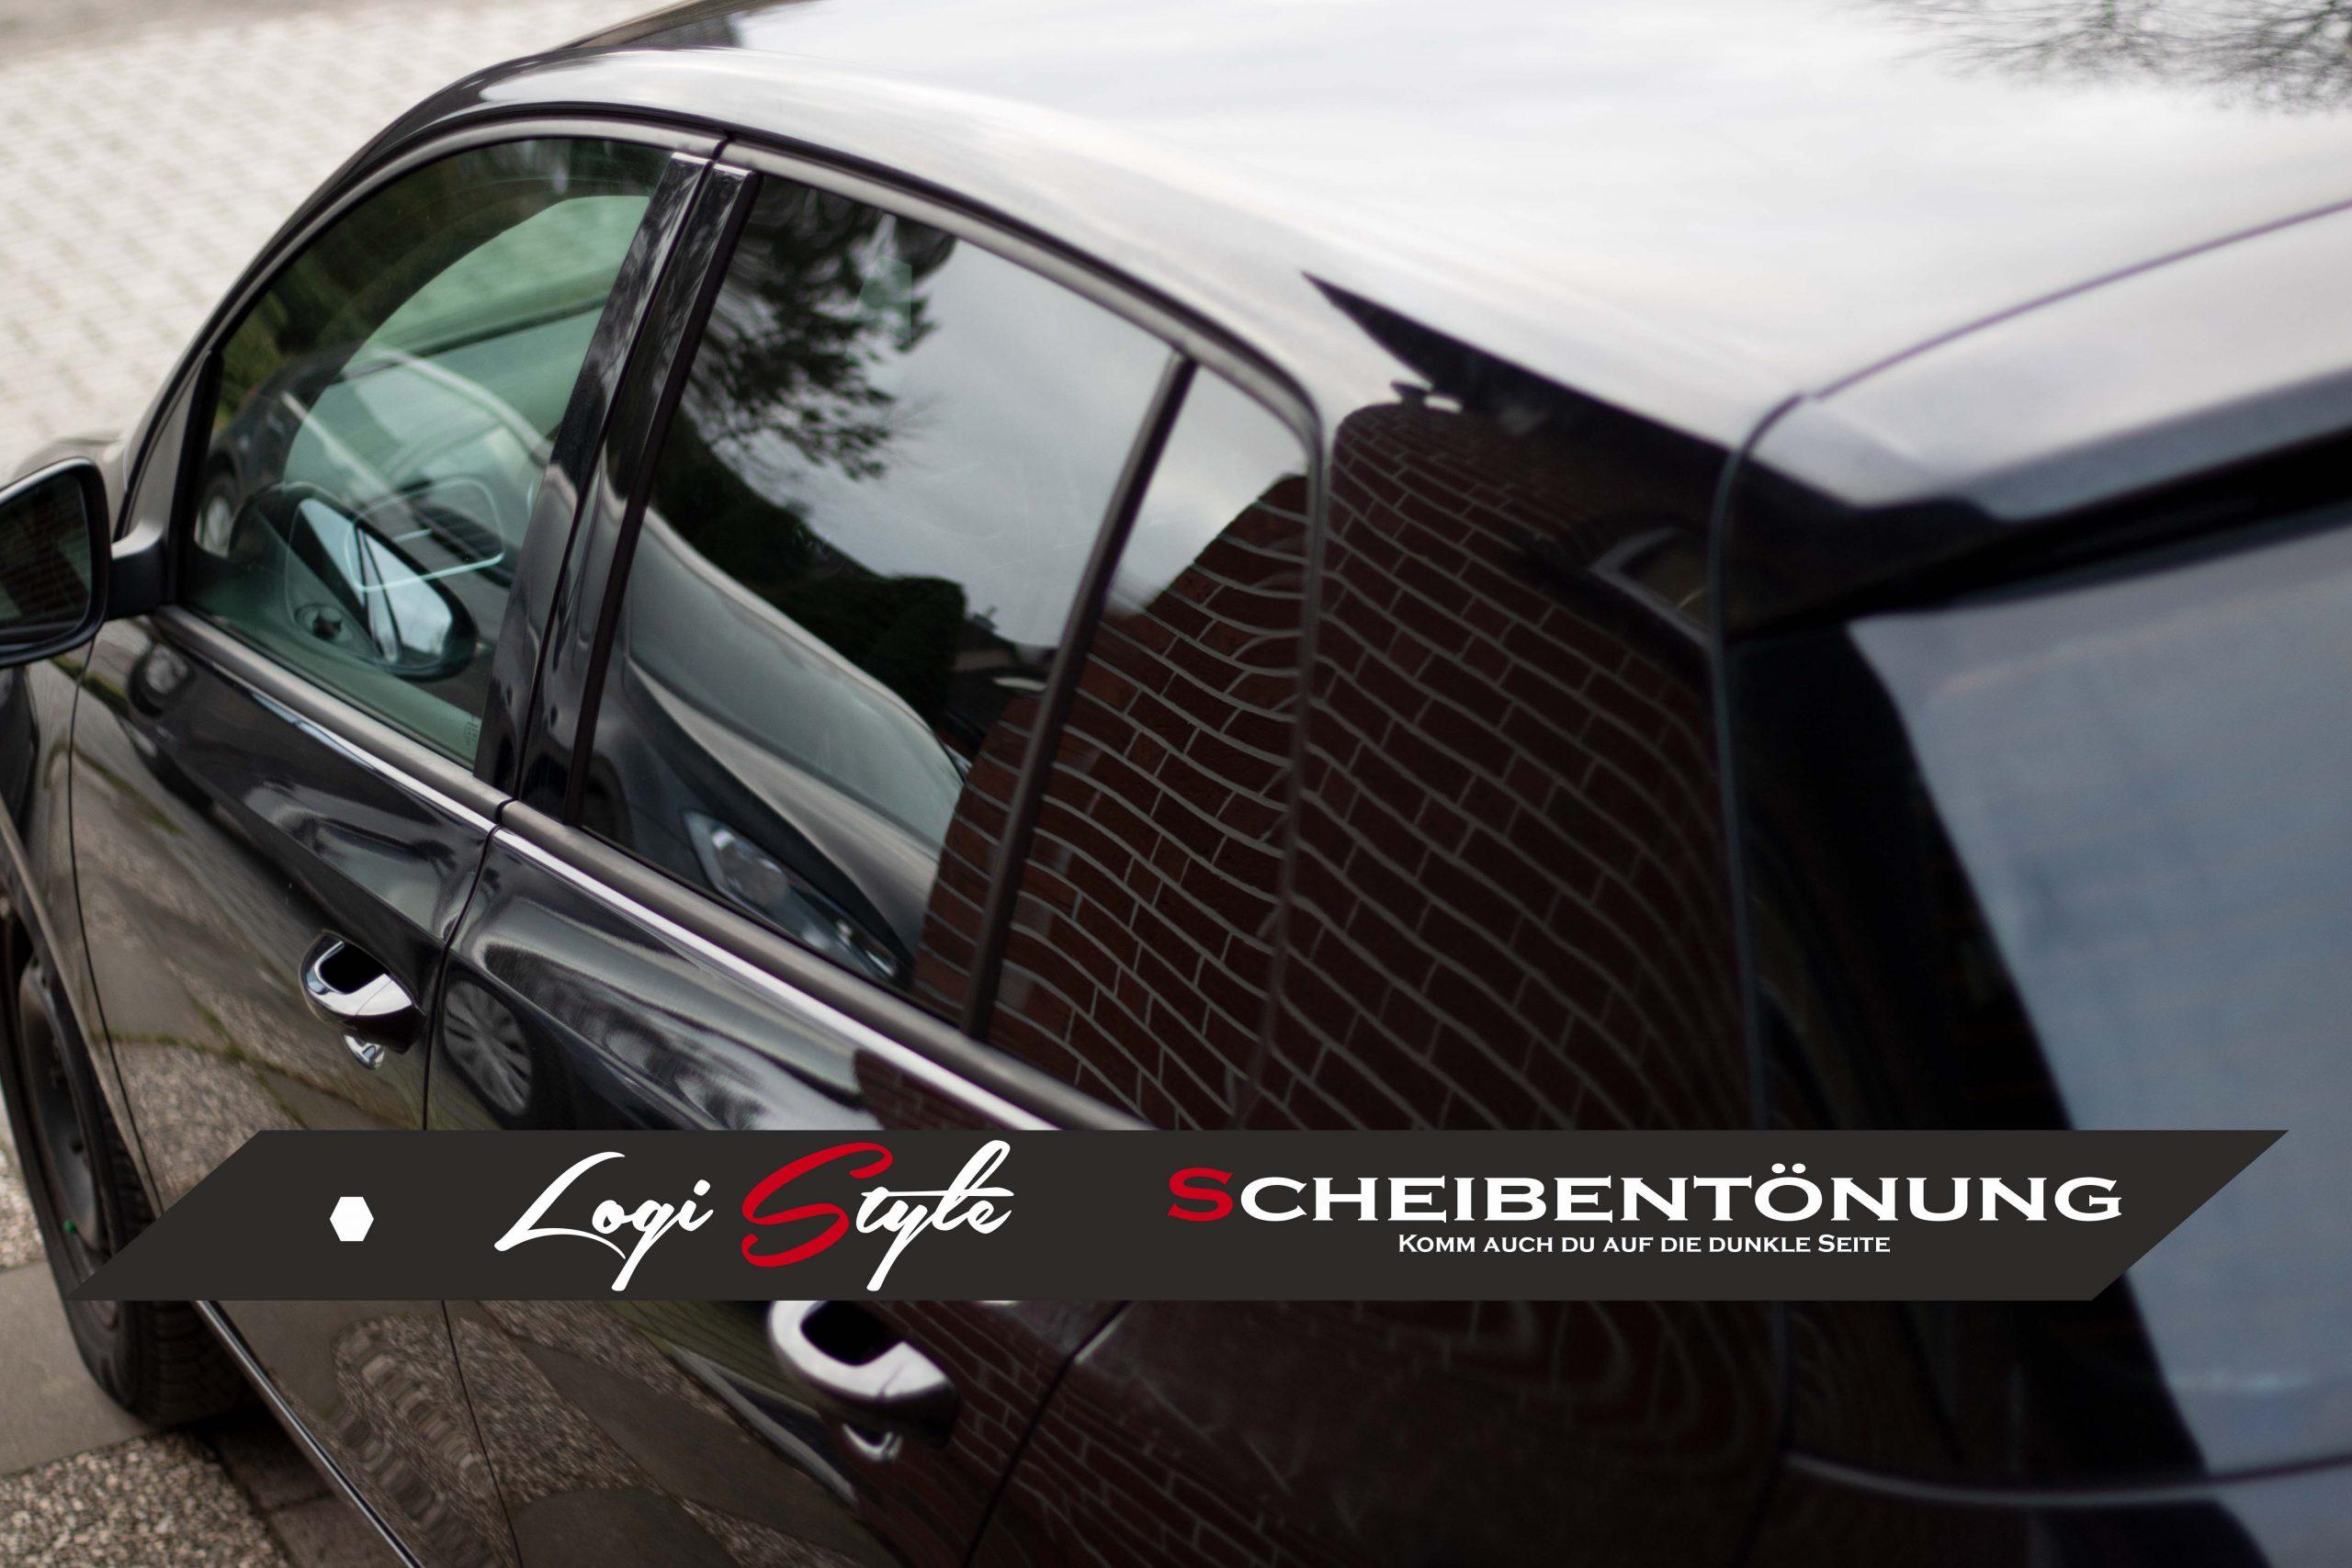 VW Golf 6 Scheibentönung